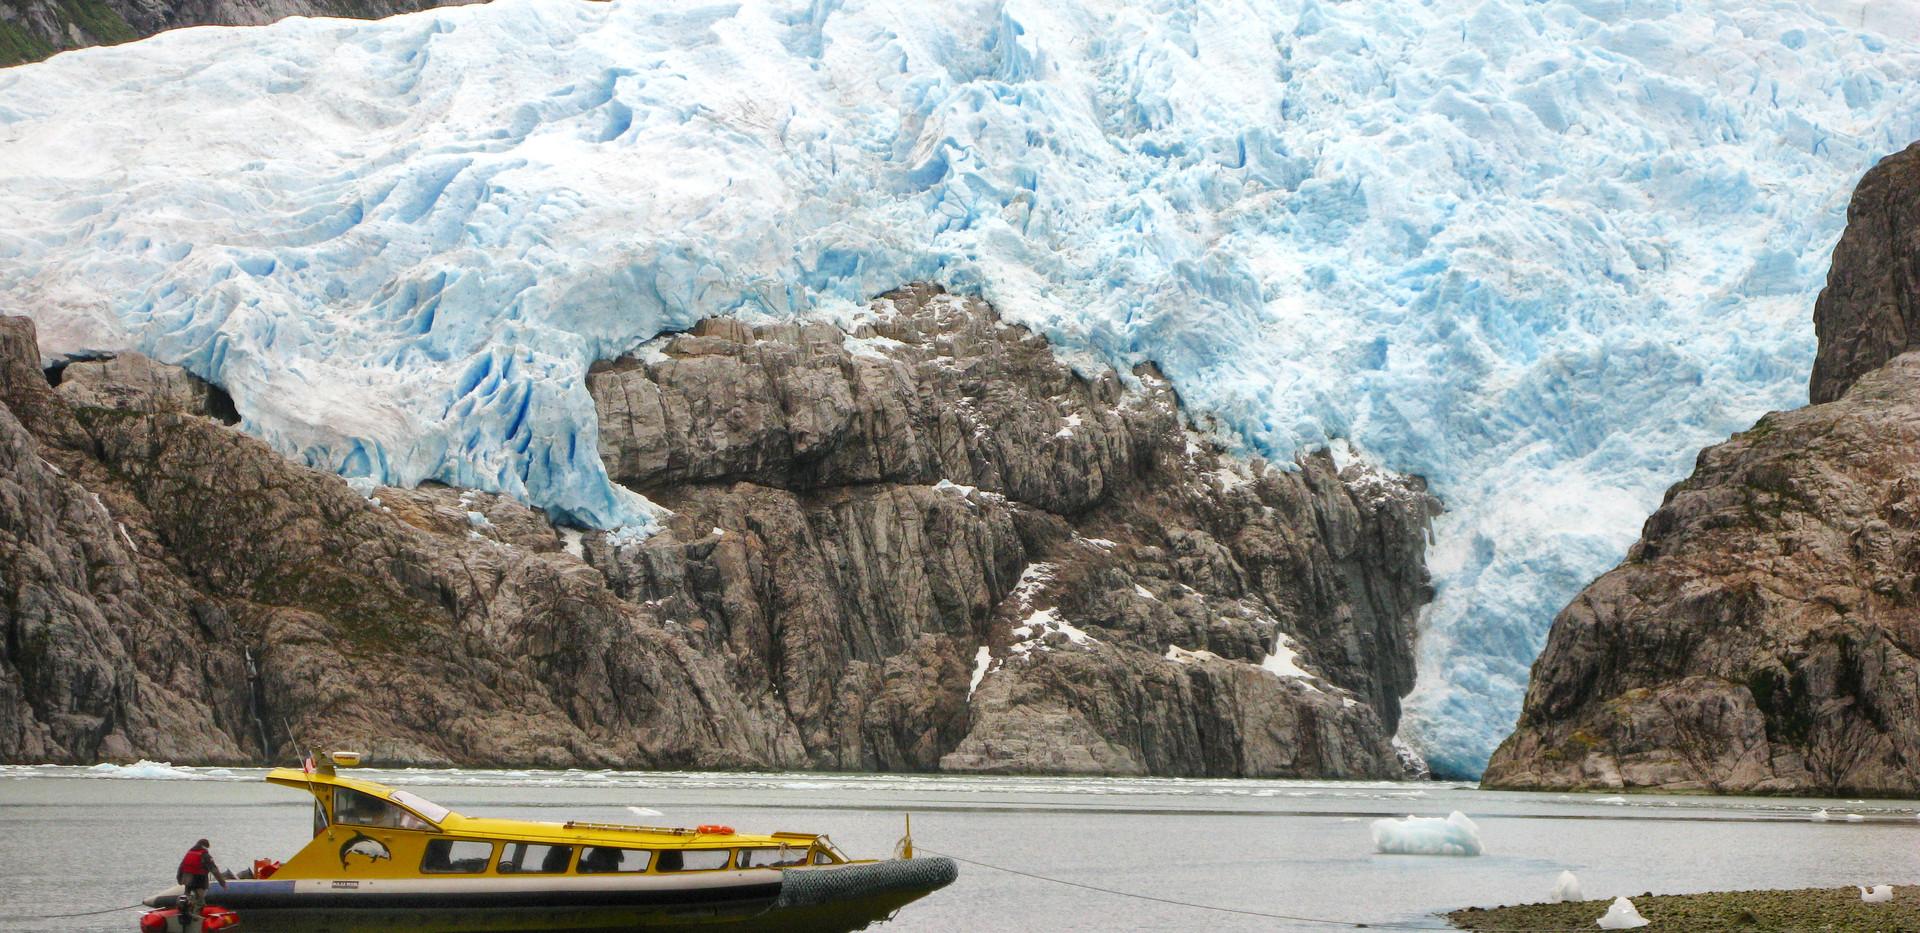 lancha y glaciar.jpg